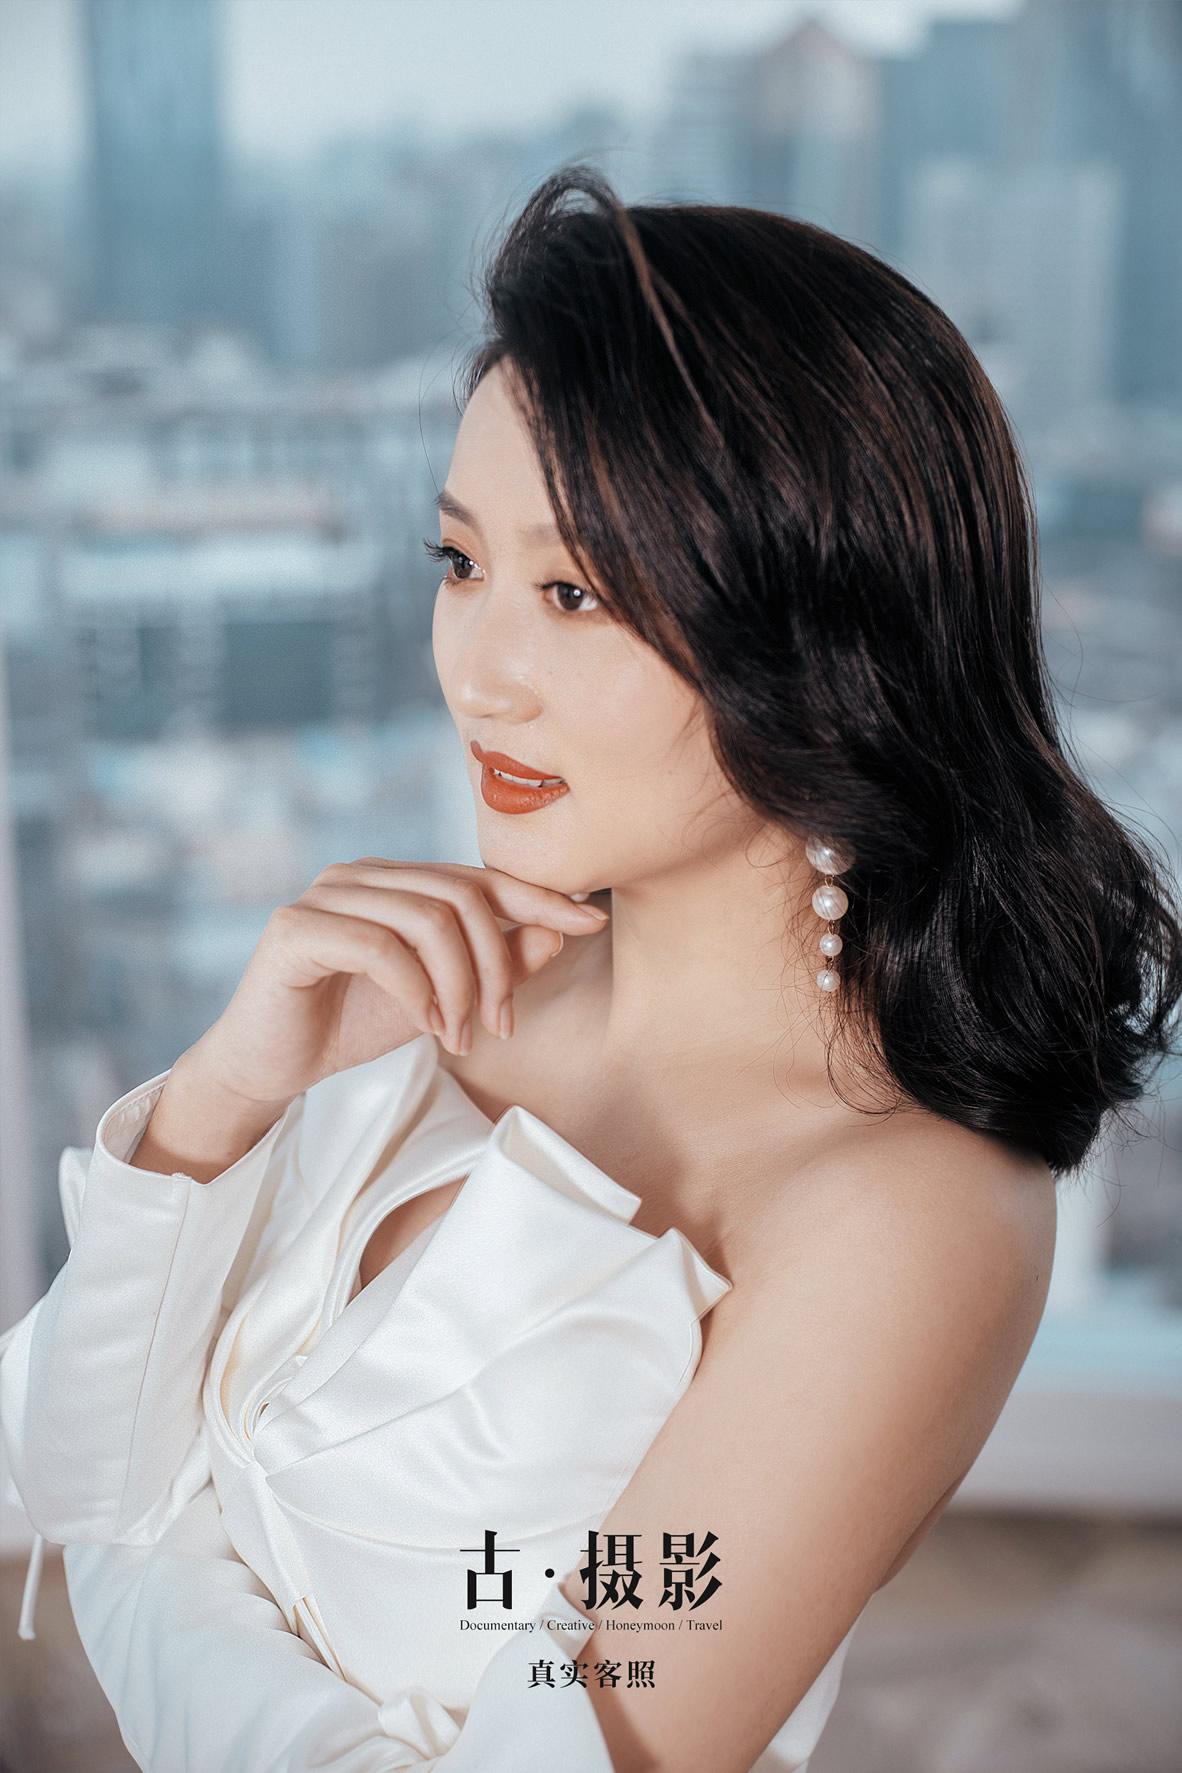 刘先生 罗小姐 - 每日客照 - 古摄影婚纱艺术-古摄影成都婚纱摄影艺术摄影网